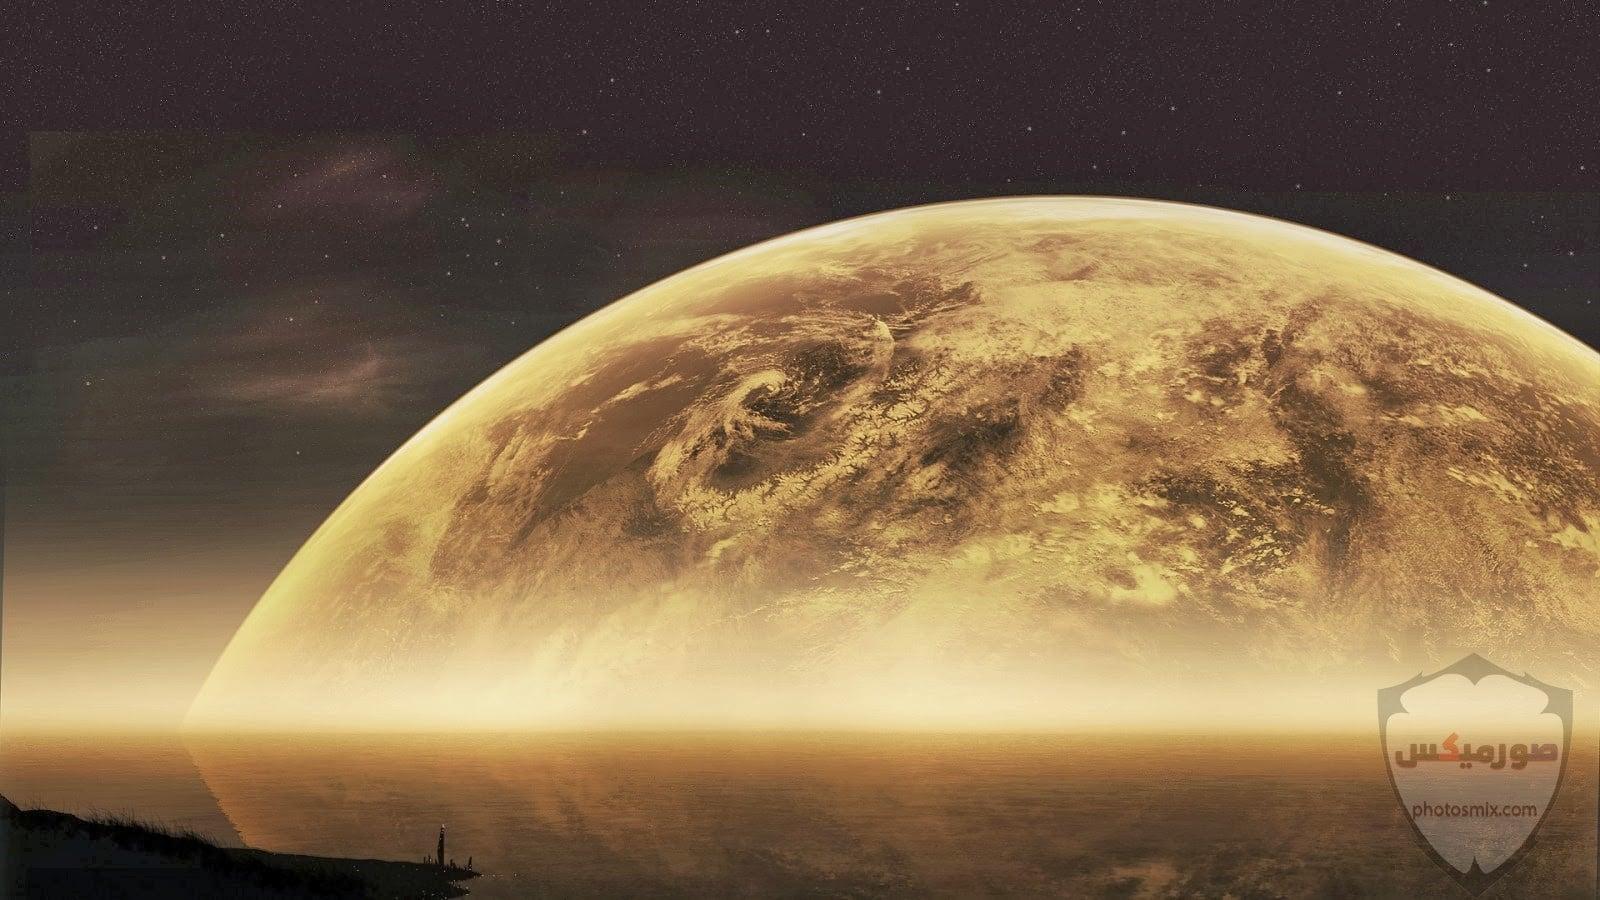 صور القمر والسماء والنجوم خلفيات للقمر والبدر والهلال عالية الجودة 17